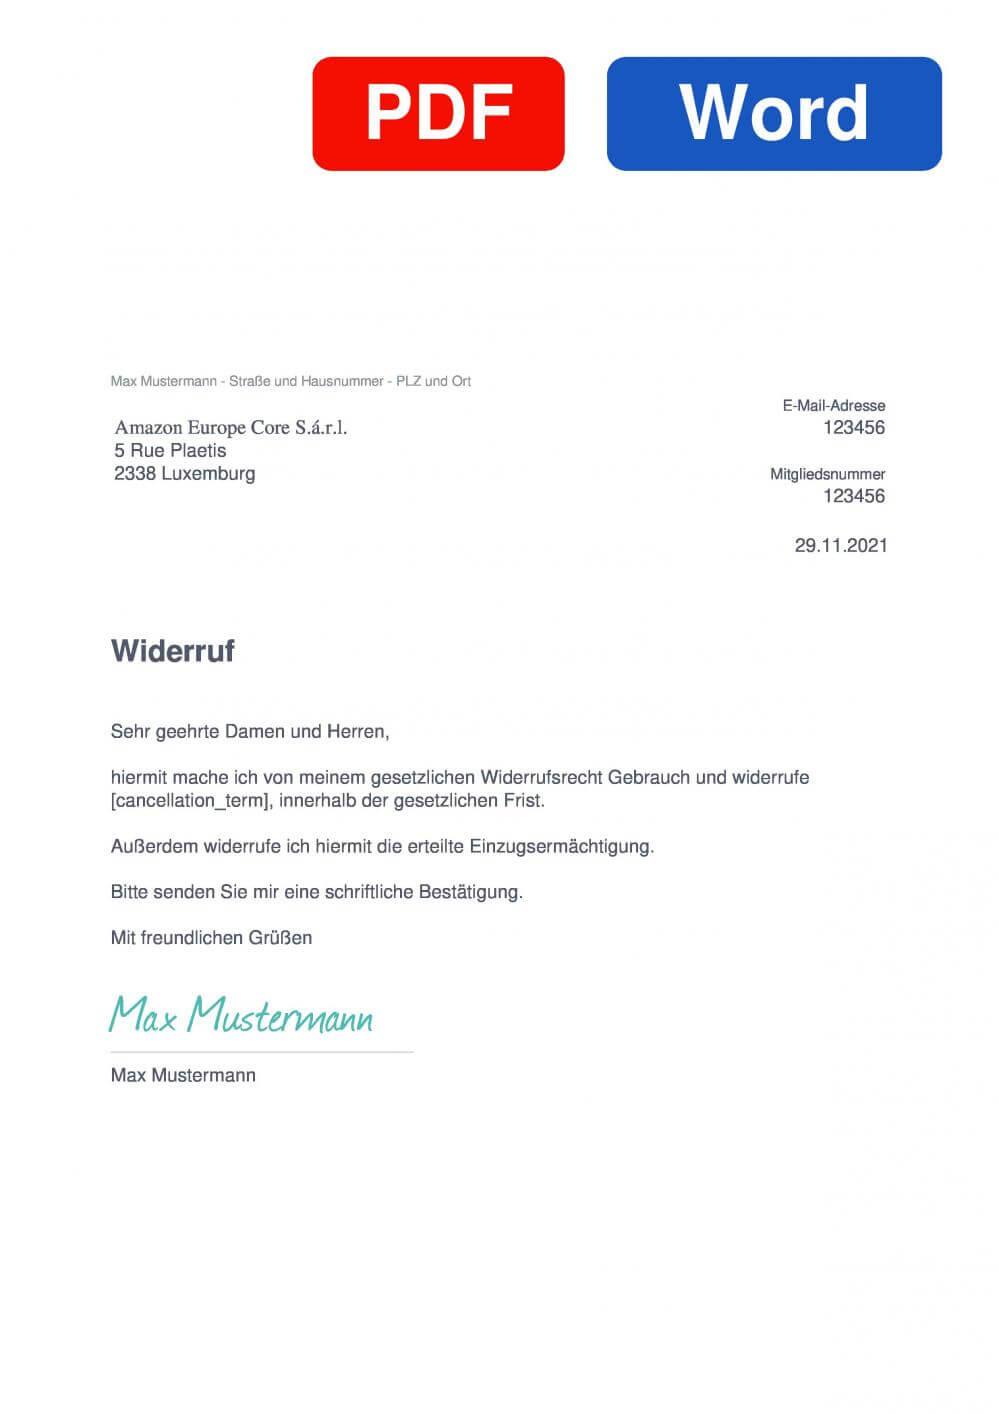 Amazon Prime Muster Vorlage für Wiederrufsschreiben